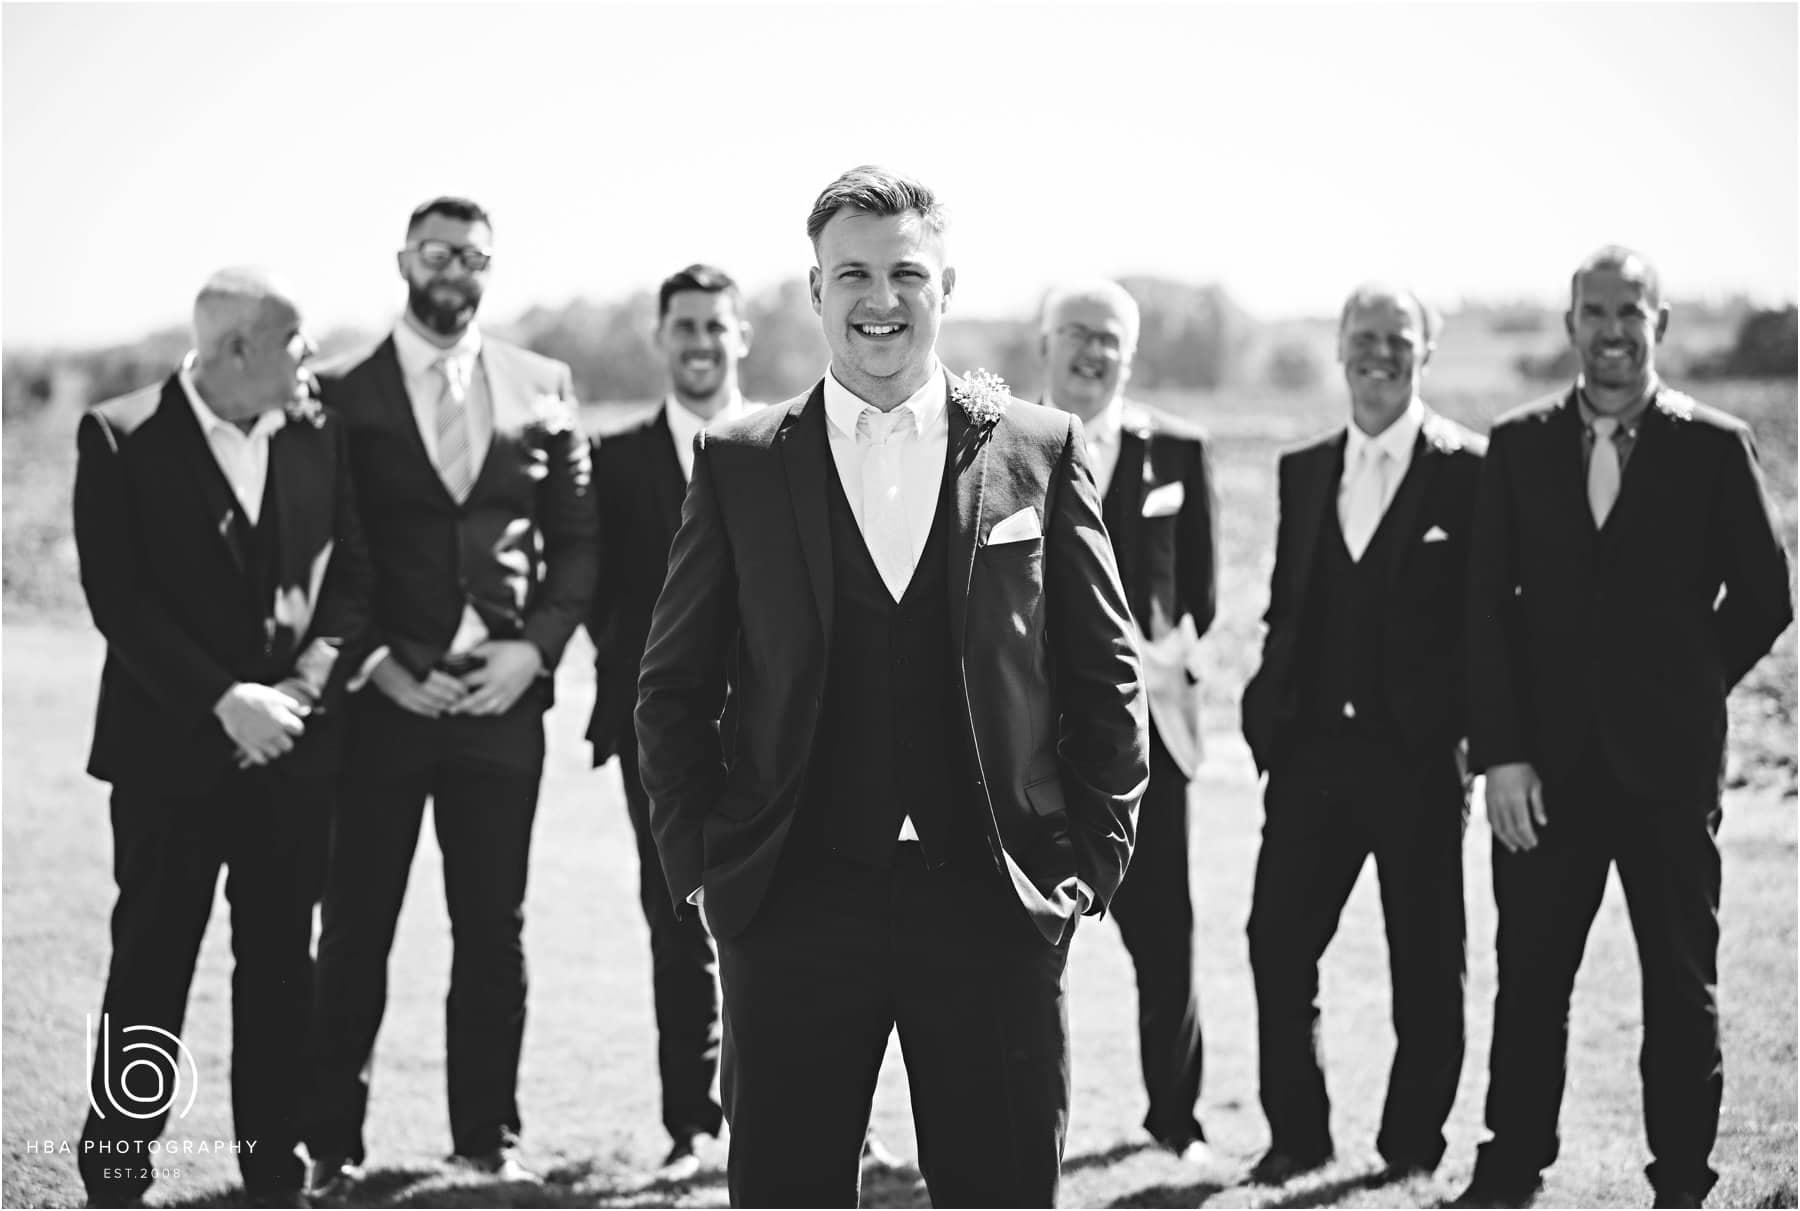 the groom & grromsmen